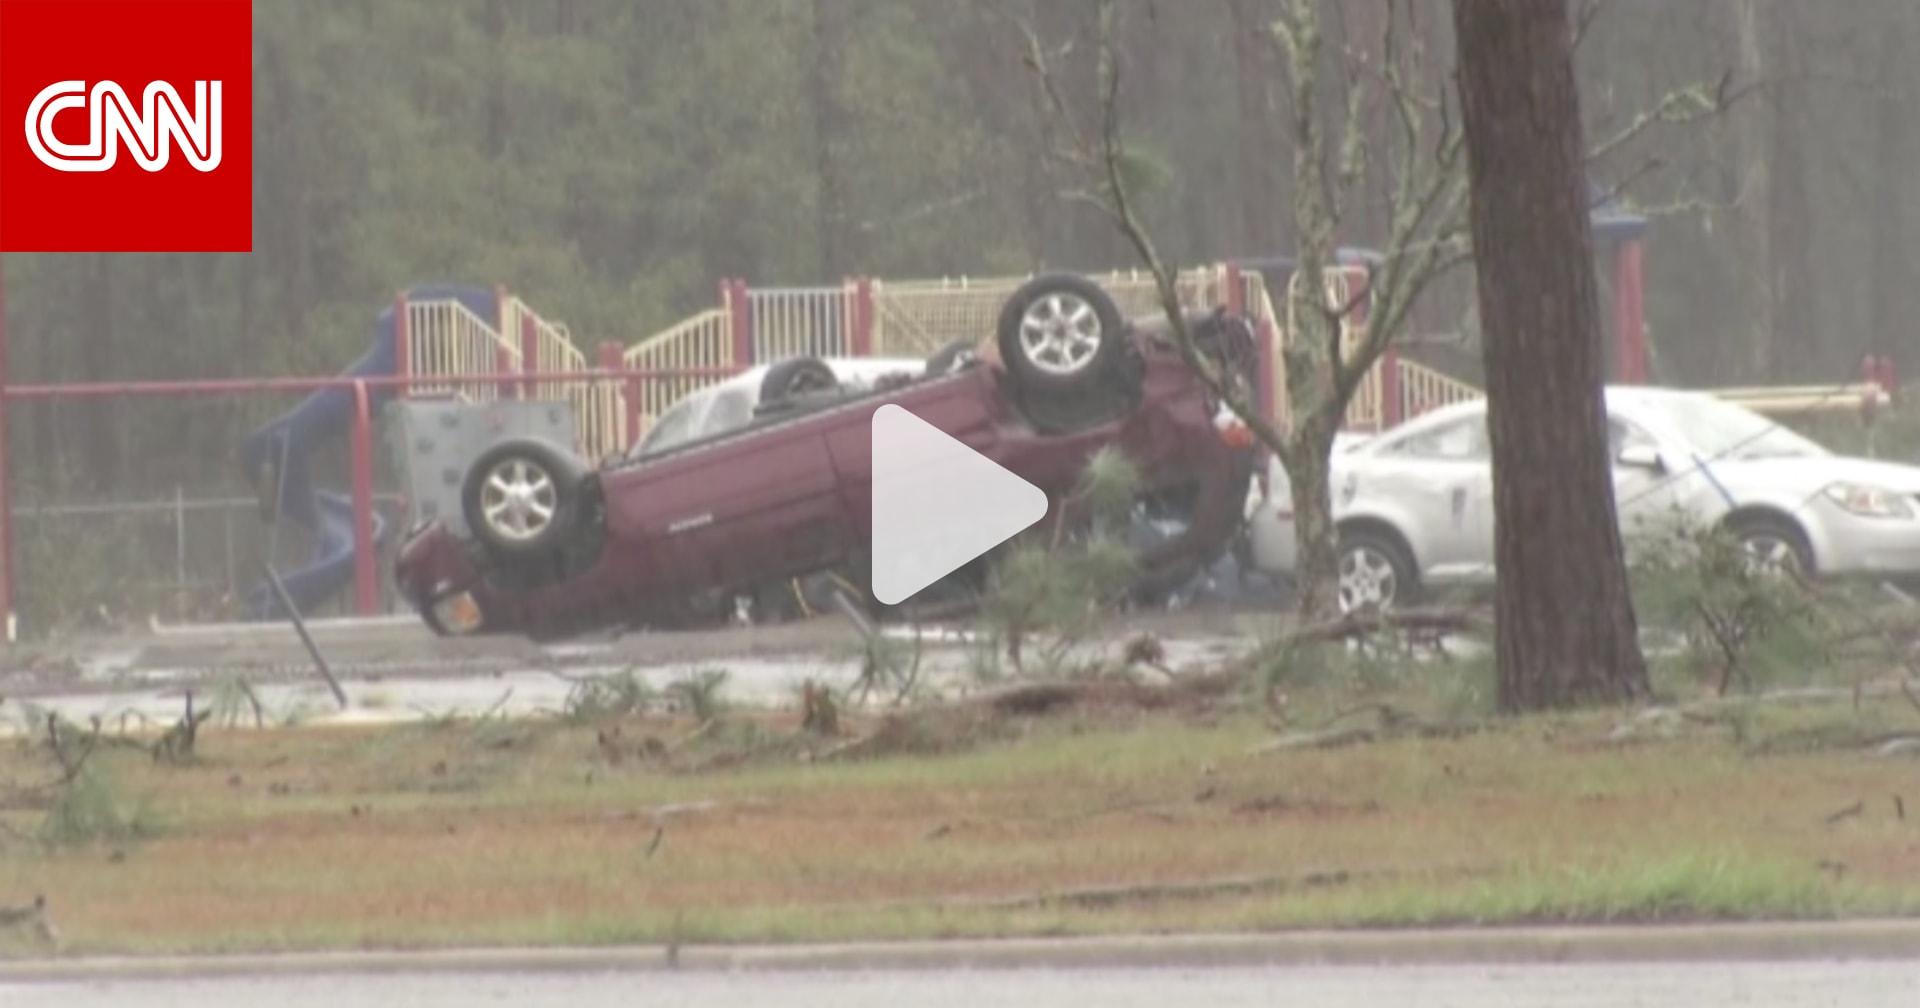 بالفيديو: إعصار يخلف أضرارا جسيمة في ولاية جورجيا ...